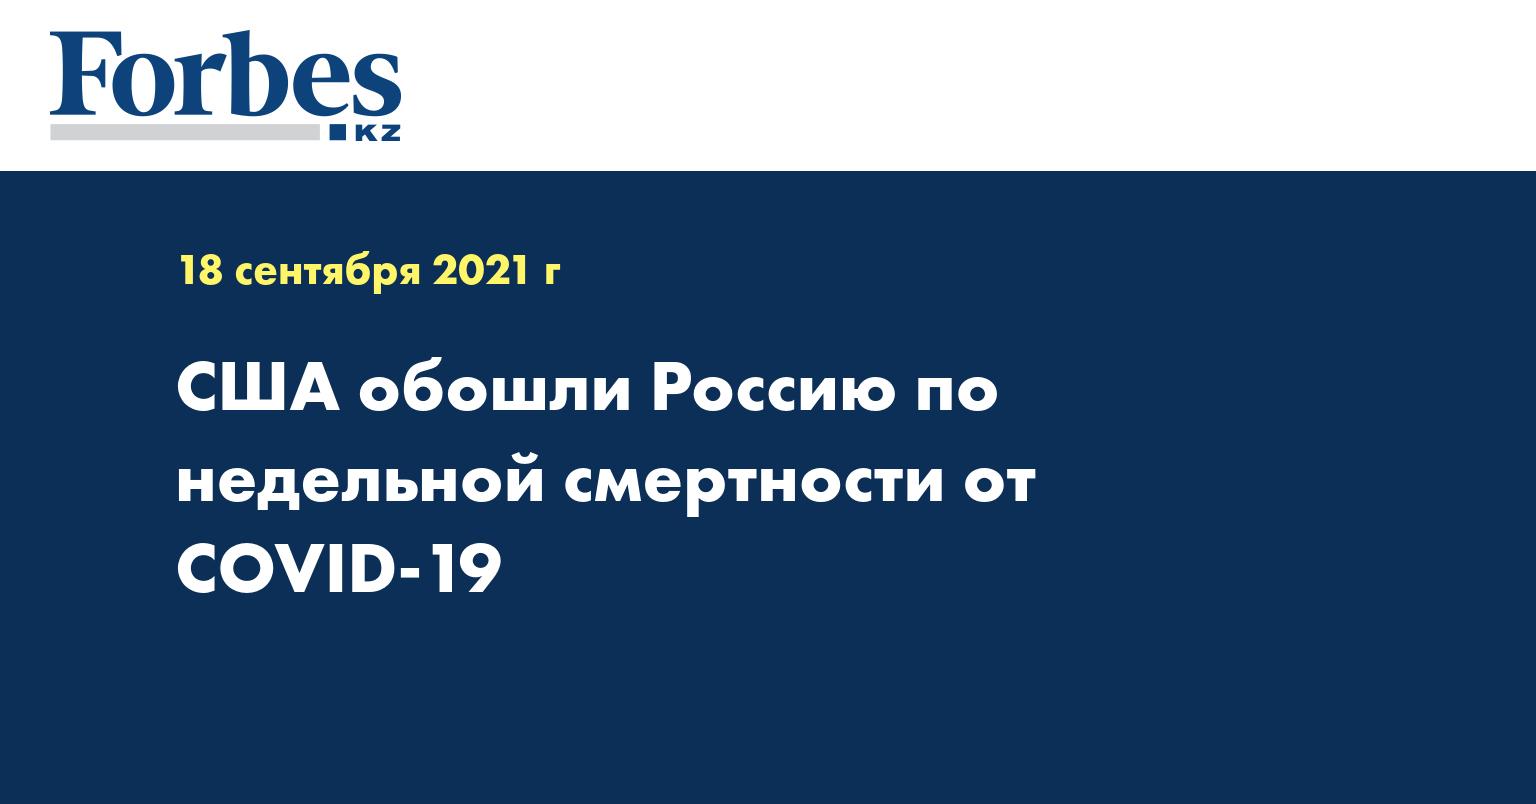 США обошли Россию по недельной смертности от COVID-19